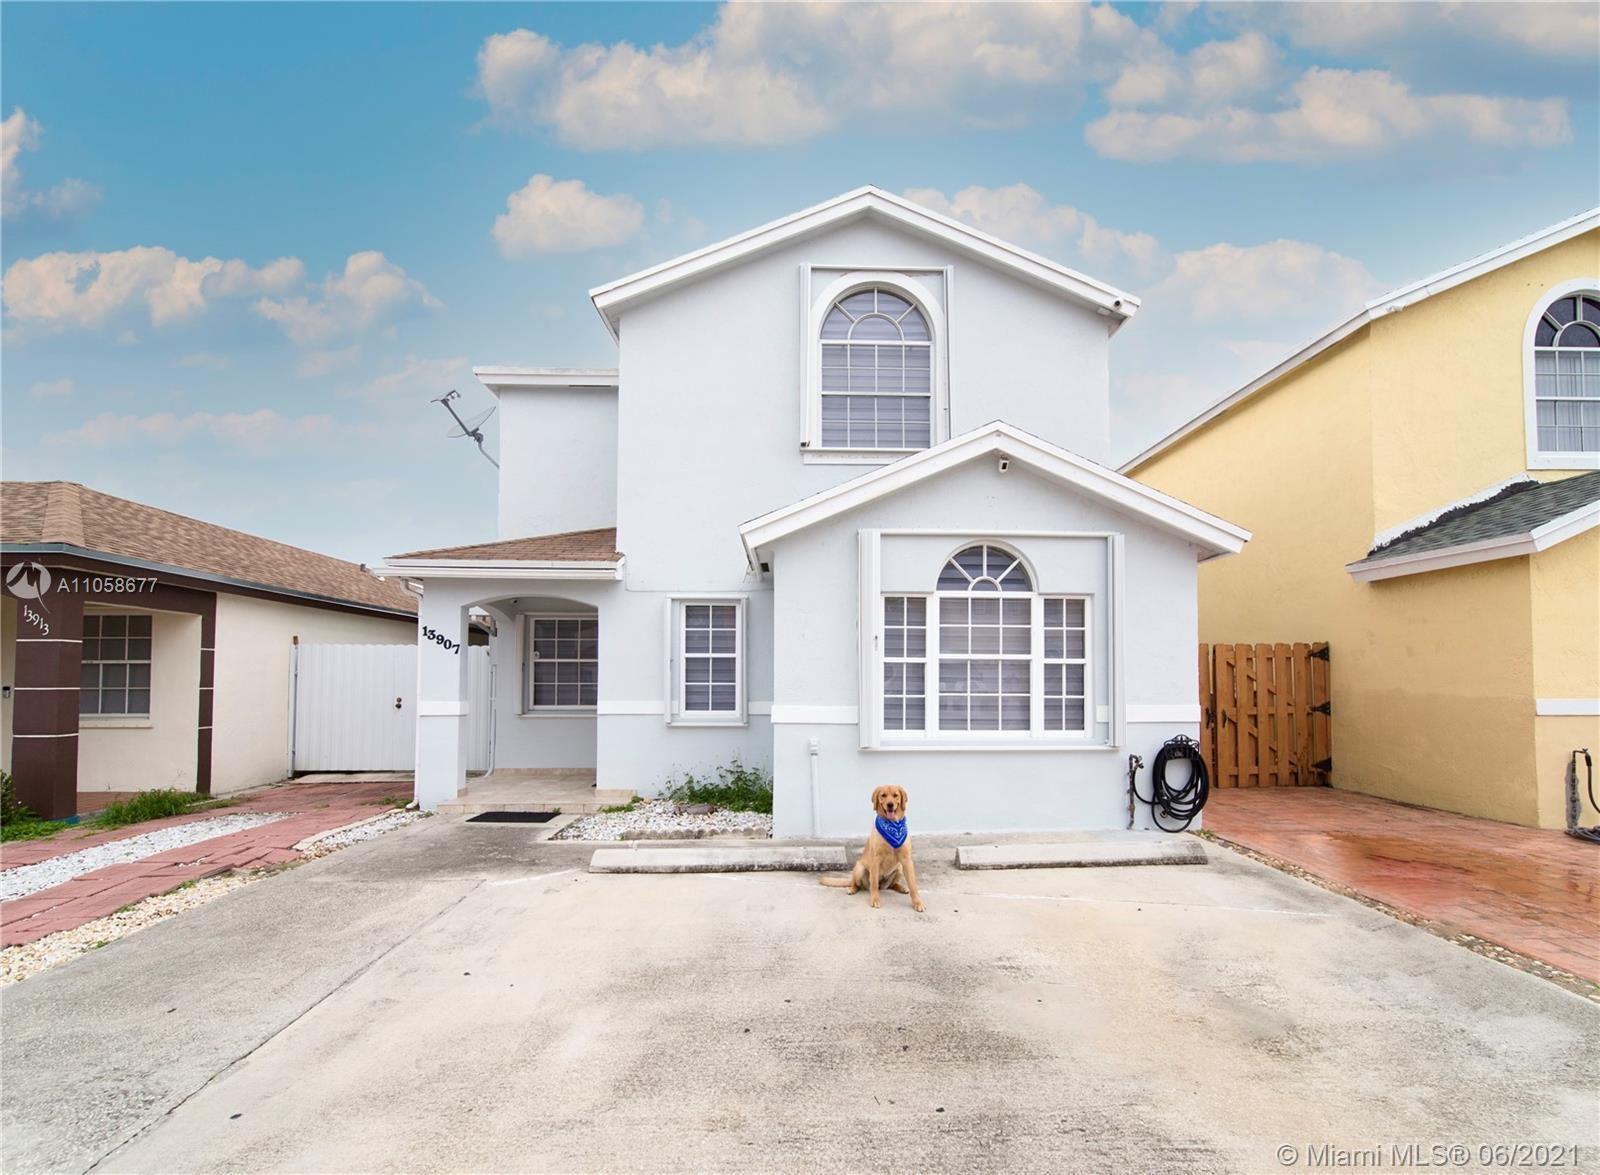 13907 SW 161st Ter, Miami, FL 33177 - #: A11058677